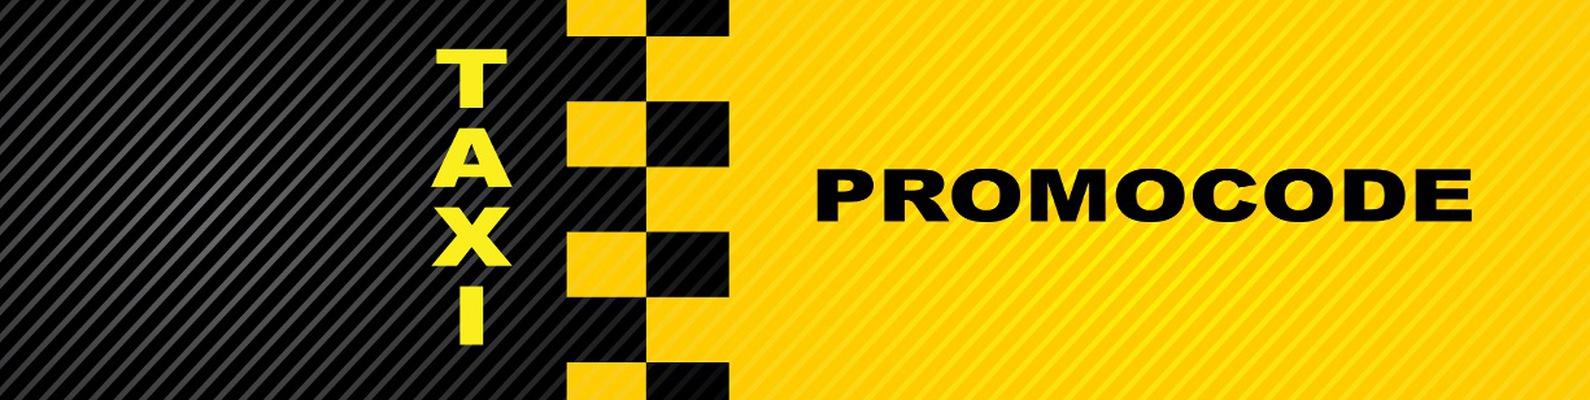 Такси Промокод (Все такси) | ВКонтакте